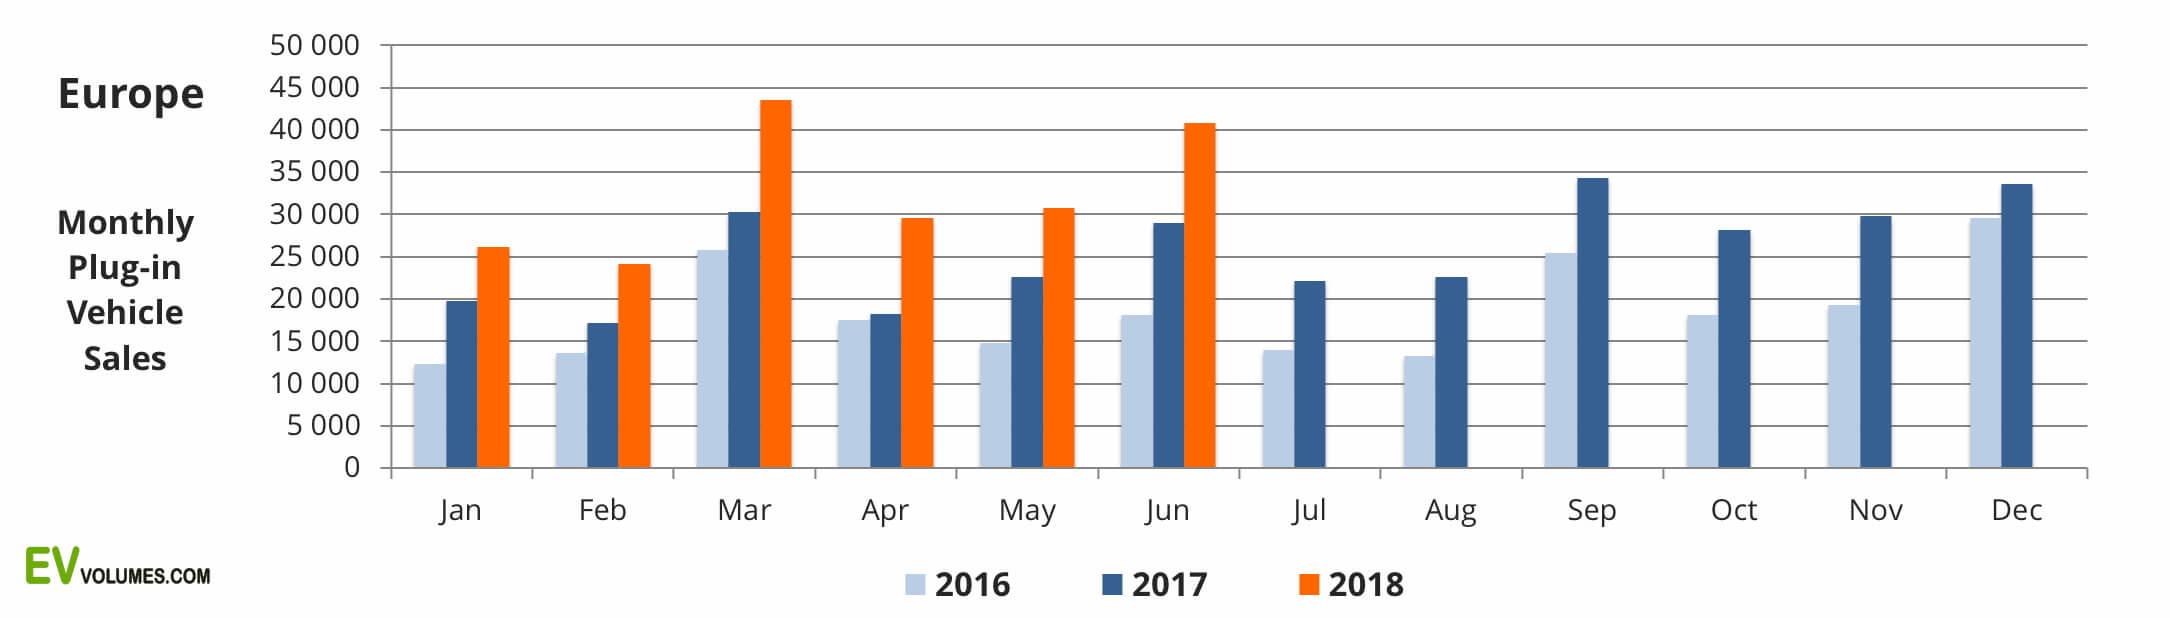 Сравнительный график ежемесячных продаж электрокаров с 2016 по 2018 год